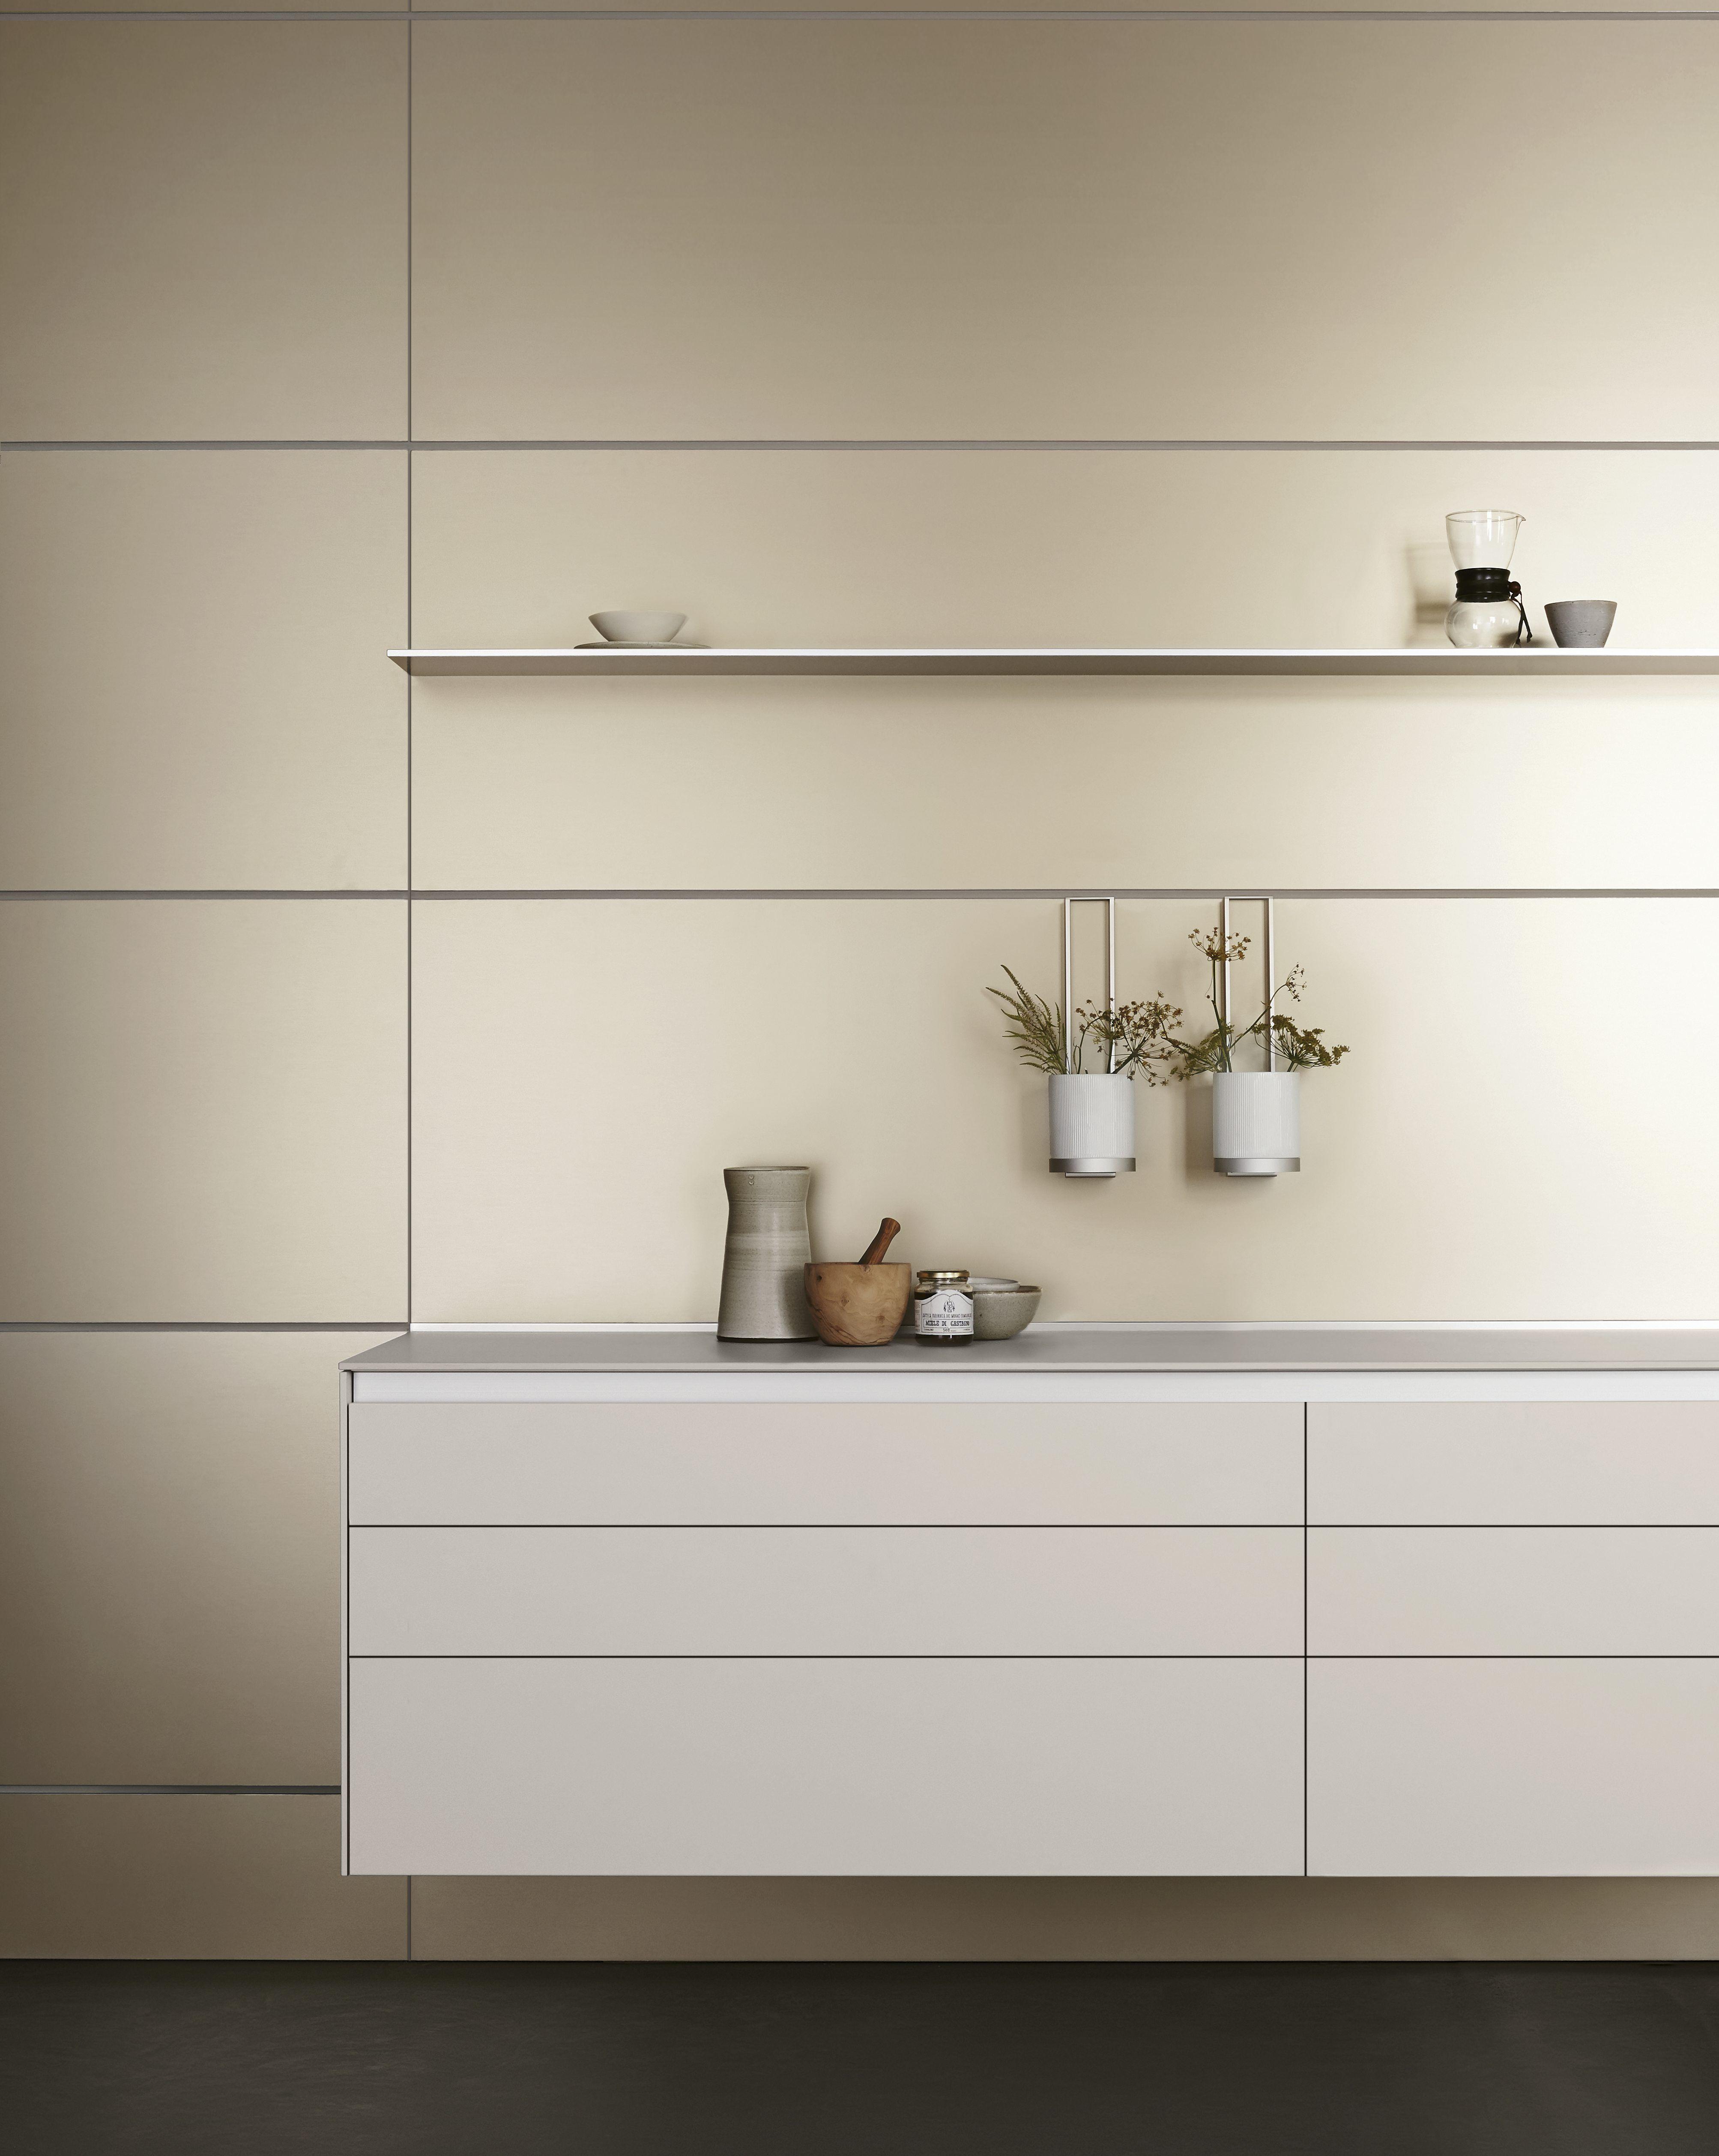 Magnolie als Küchenfarbe: Ideen und Bilder für die Küchenplanung ...